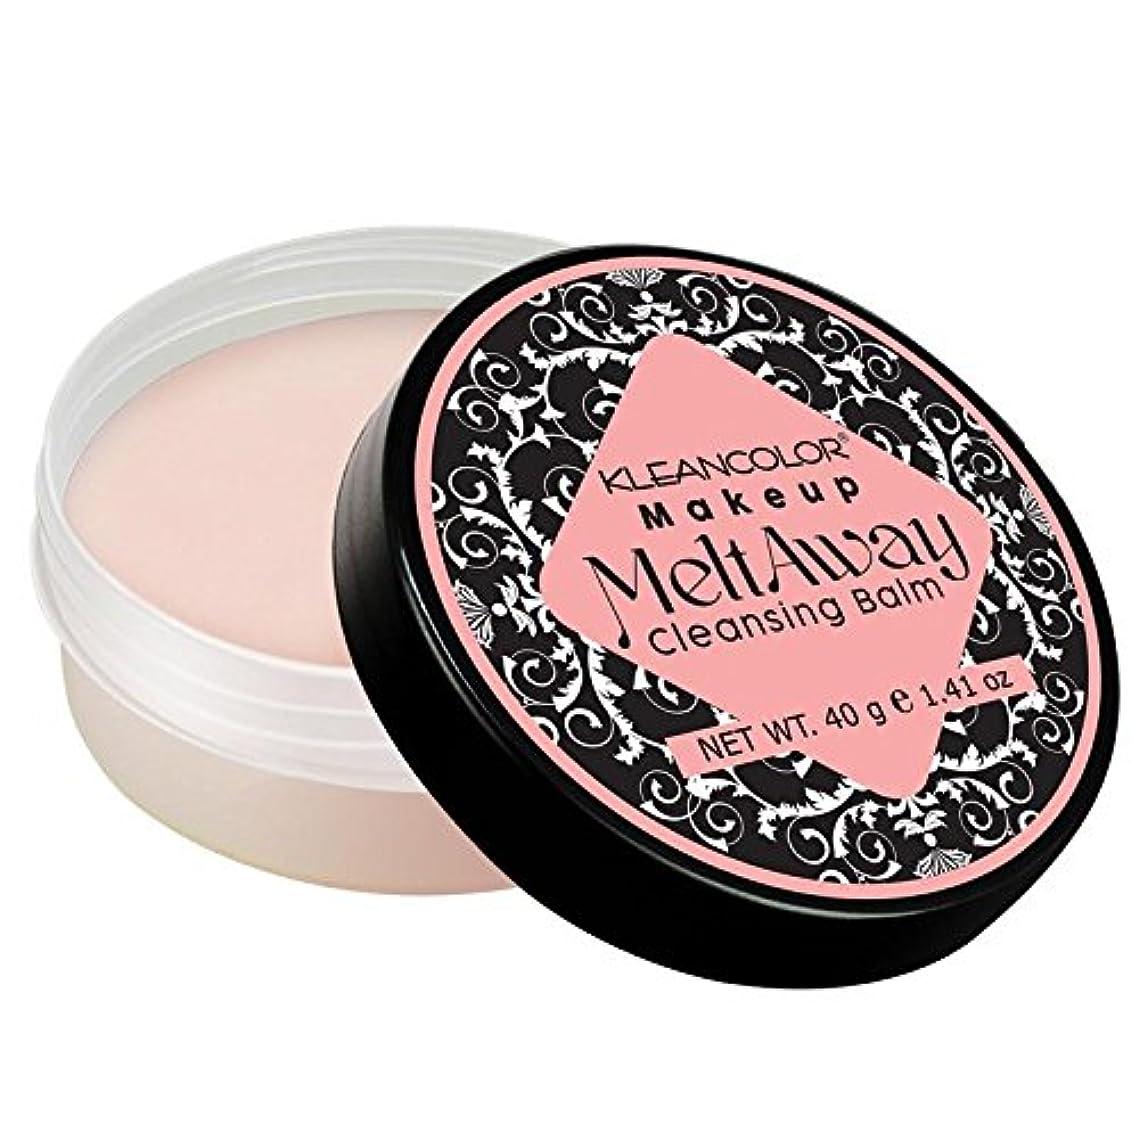 余計な無効にする勘違いする(3 Pack) KLEANCOLOR Makeup Meltaway Cleansing Balm (並行輸入品)